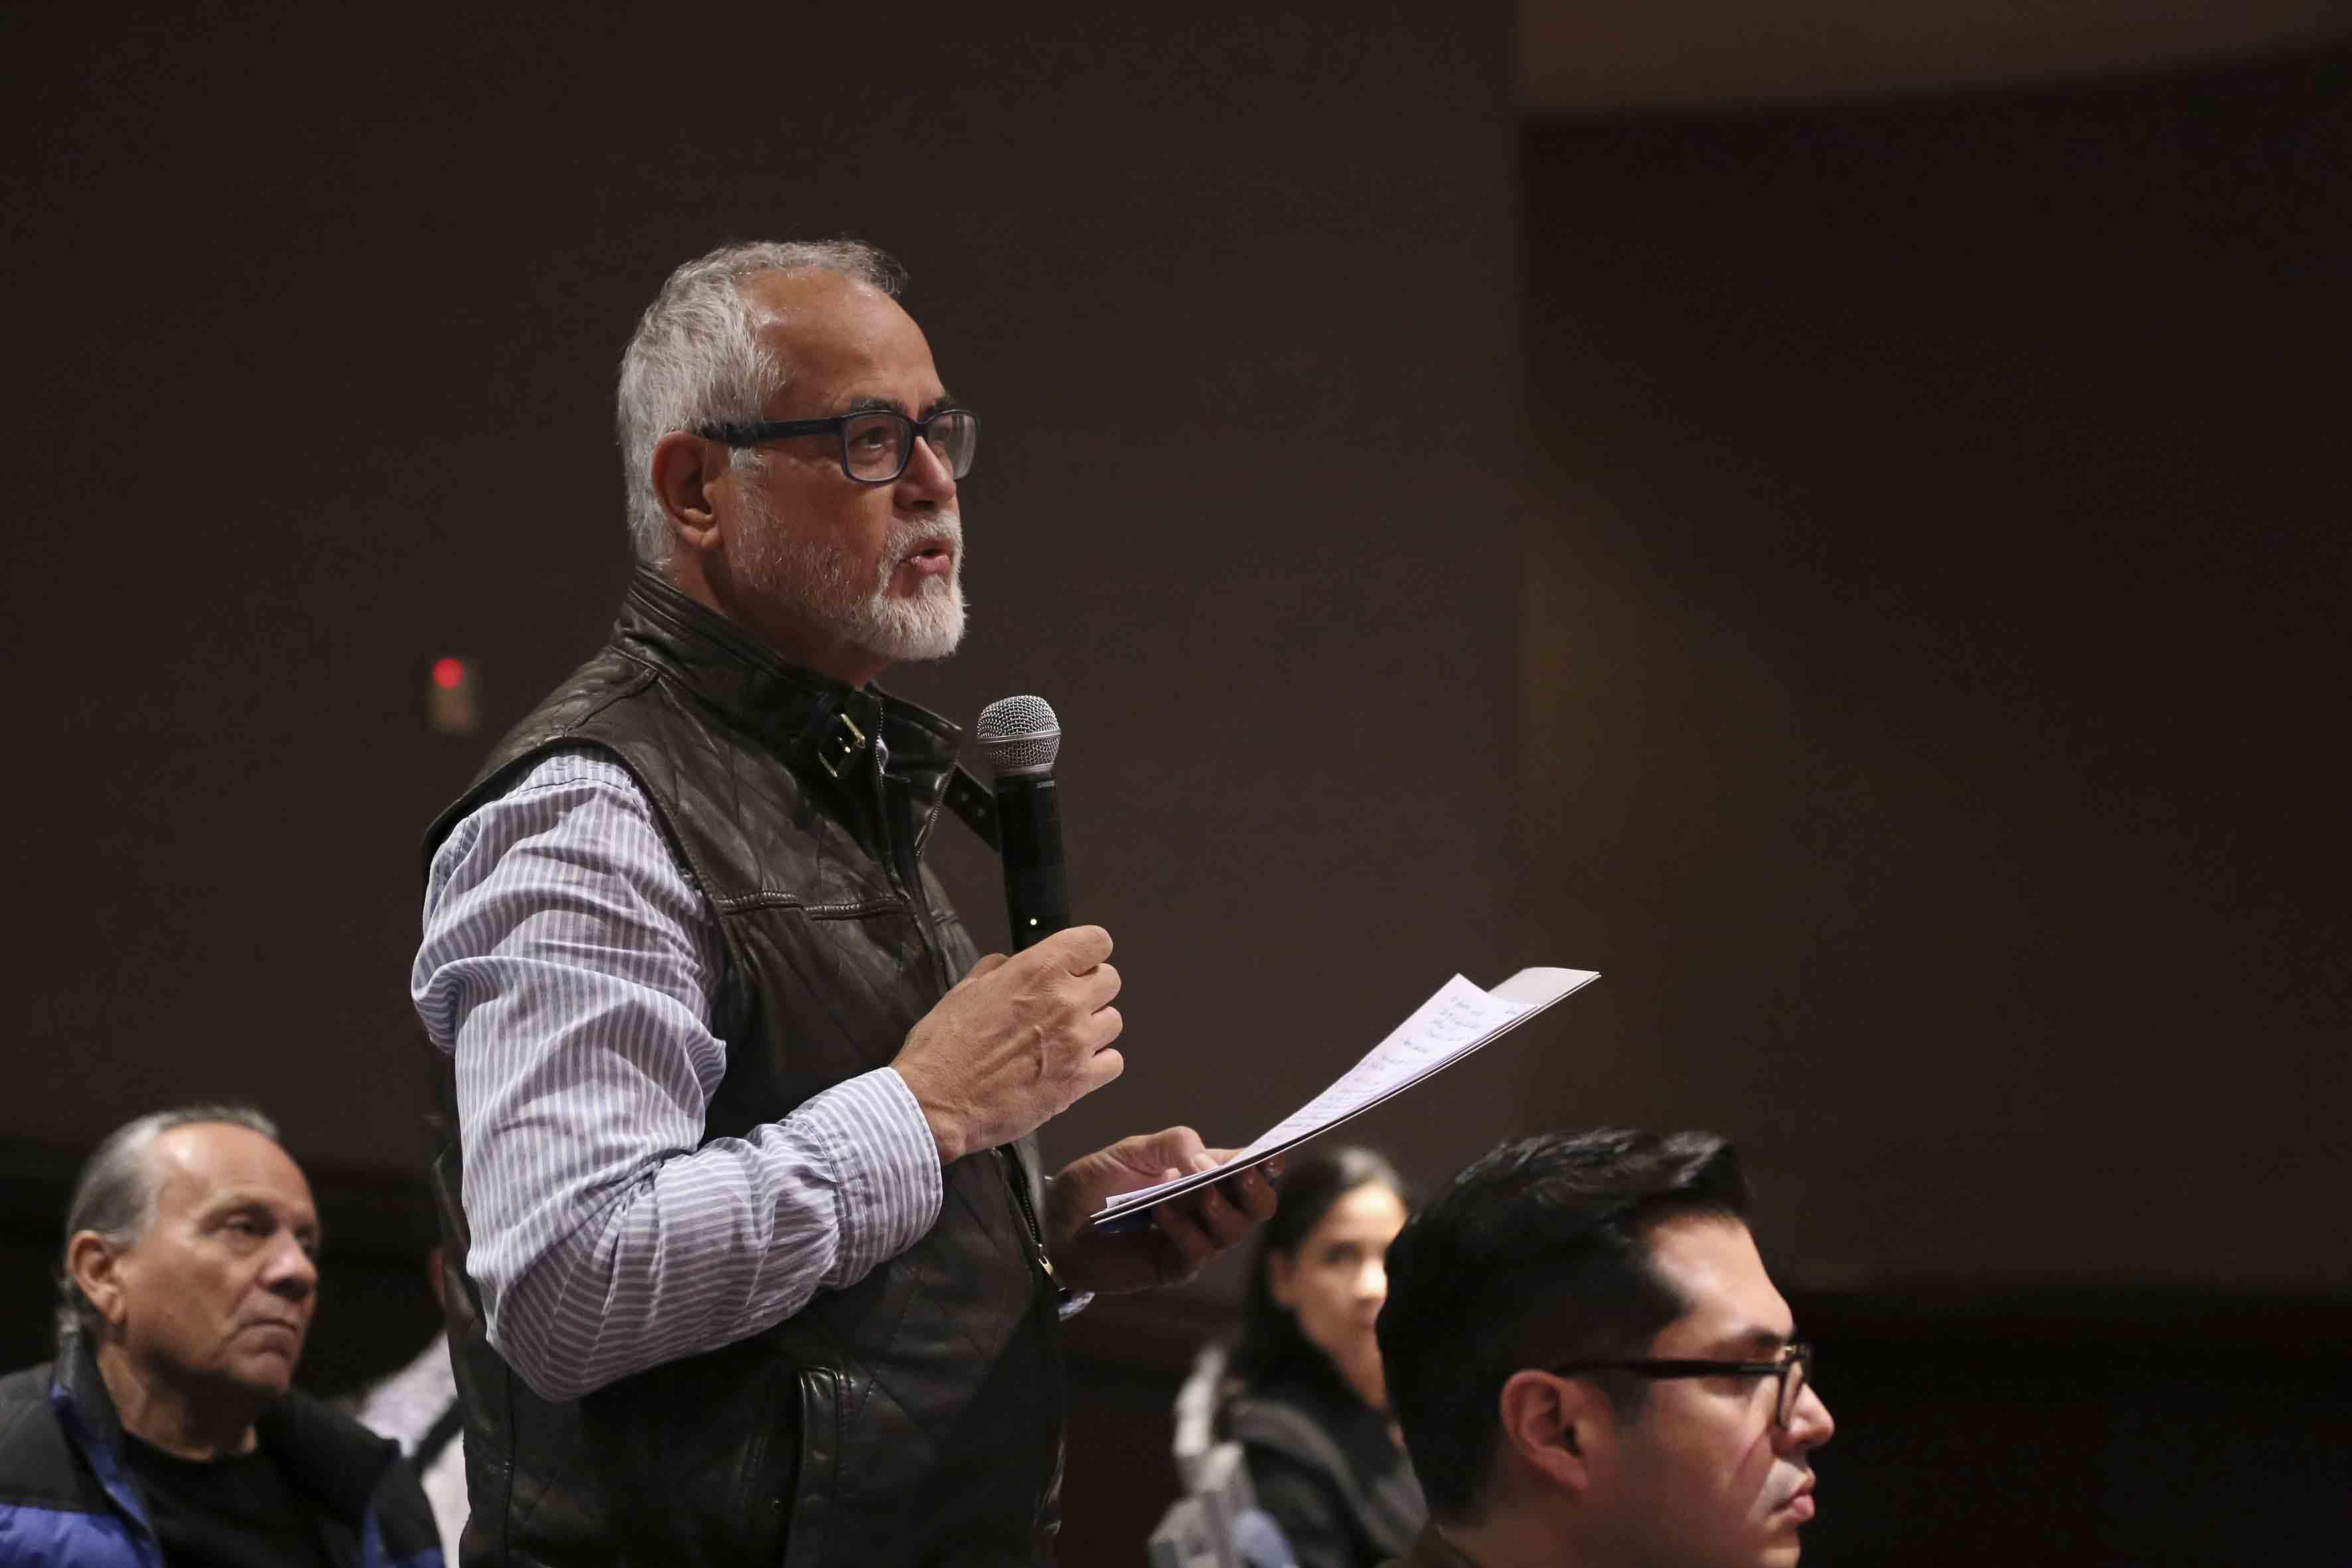 Persona del público, con micrófono en mano, haciendo preguntas a los panelistas en el Foro de cambi climático.